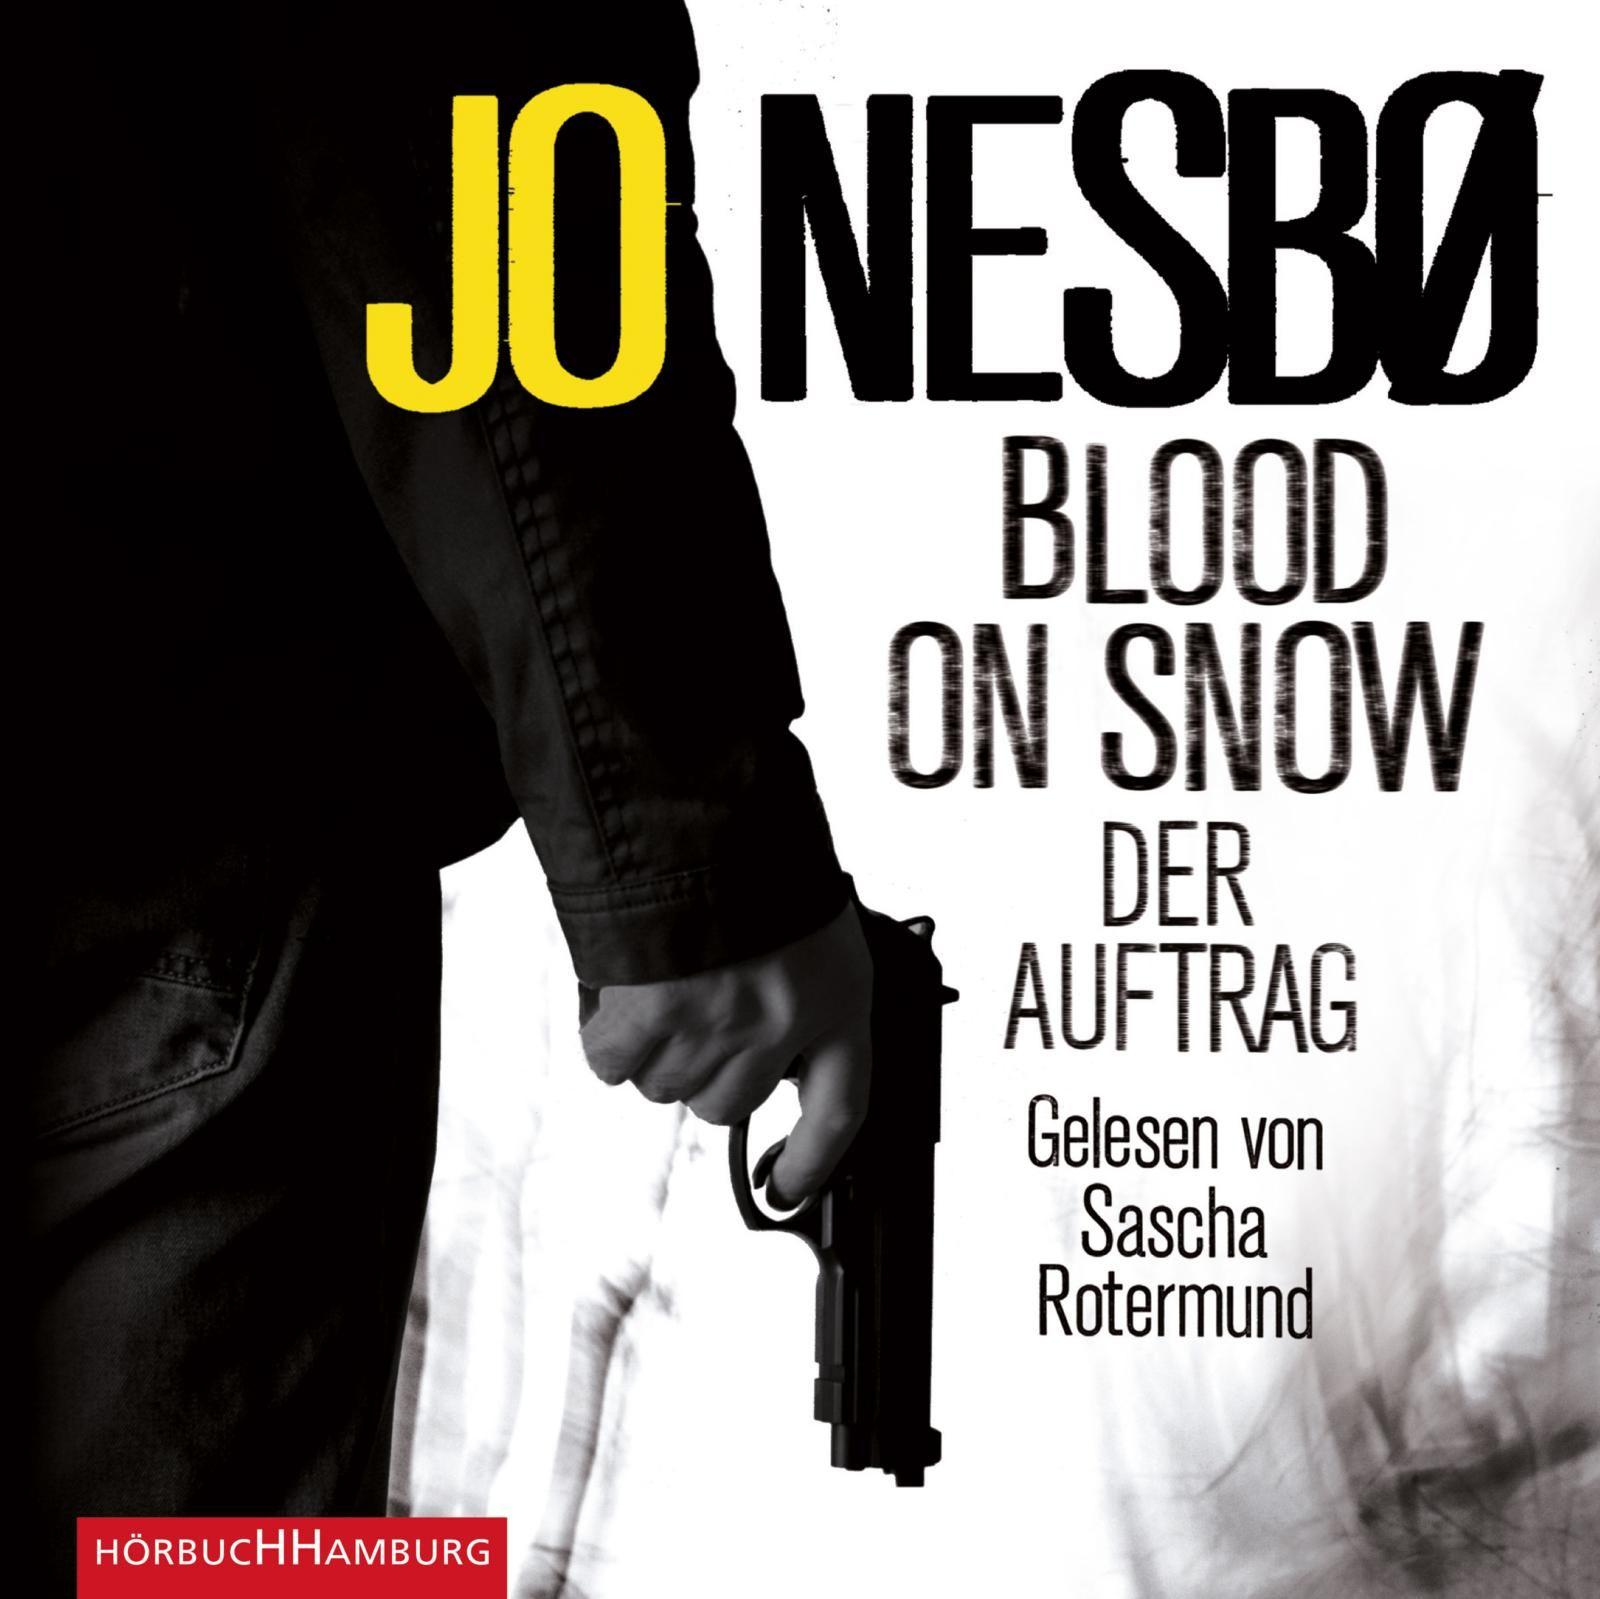 NEU Blood on Snow - Der Auftrag Jo Nesbø 130013